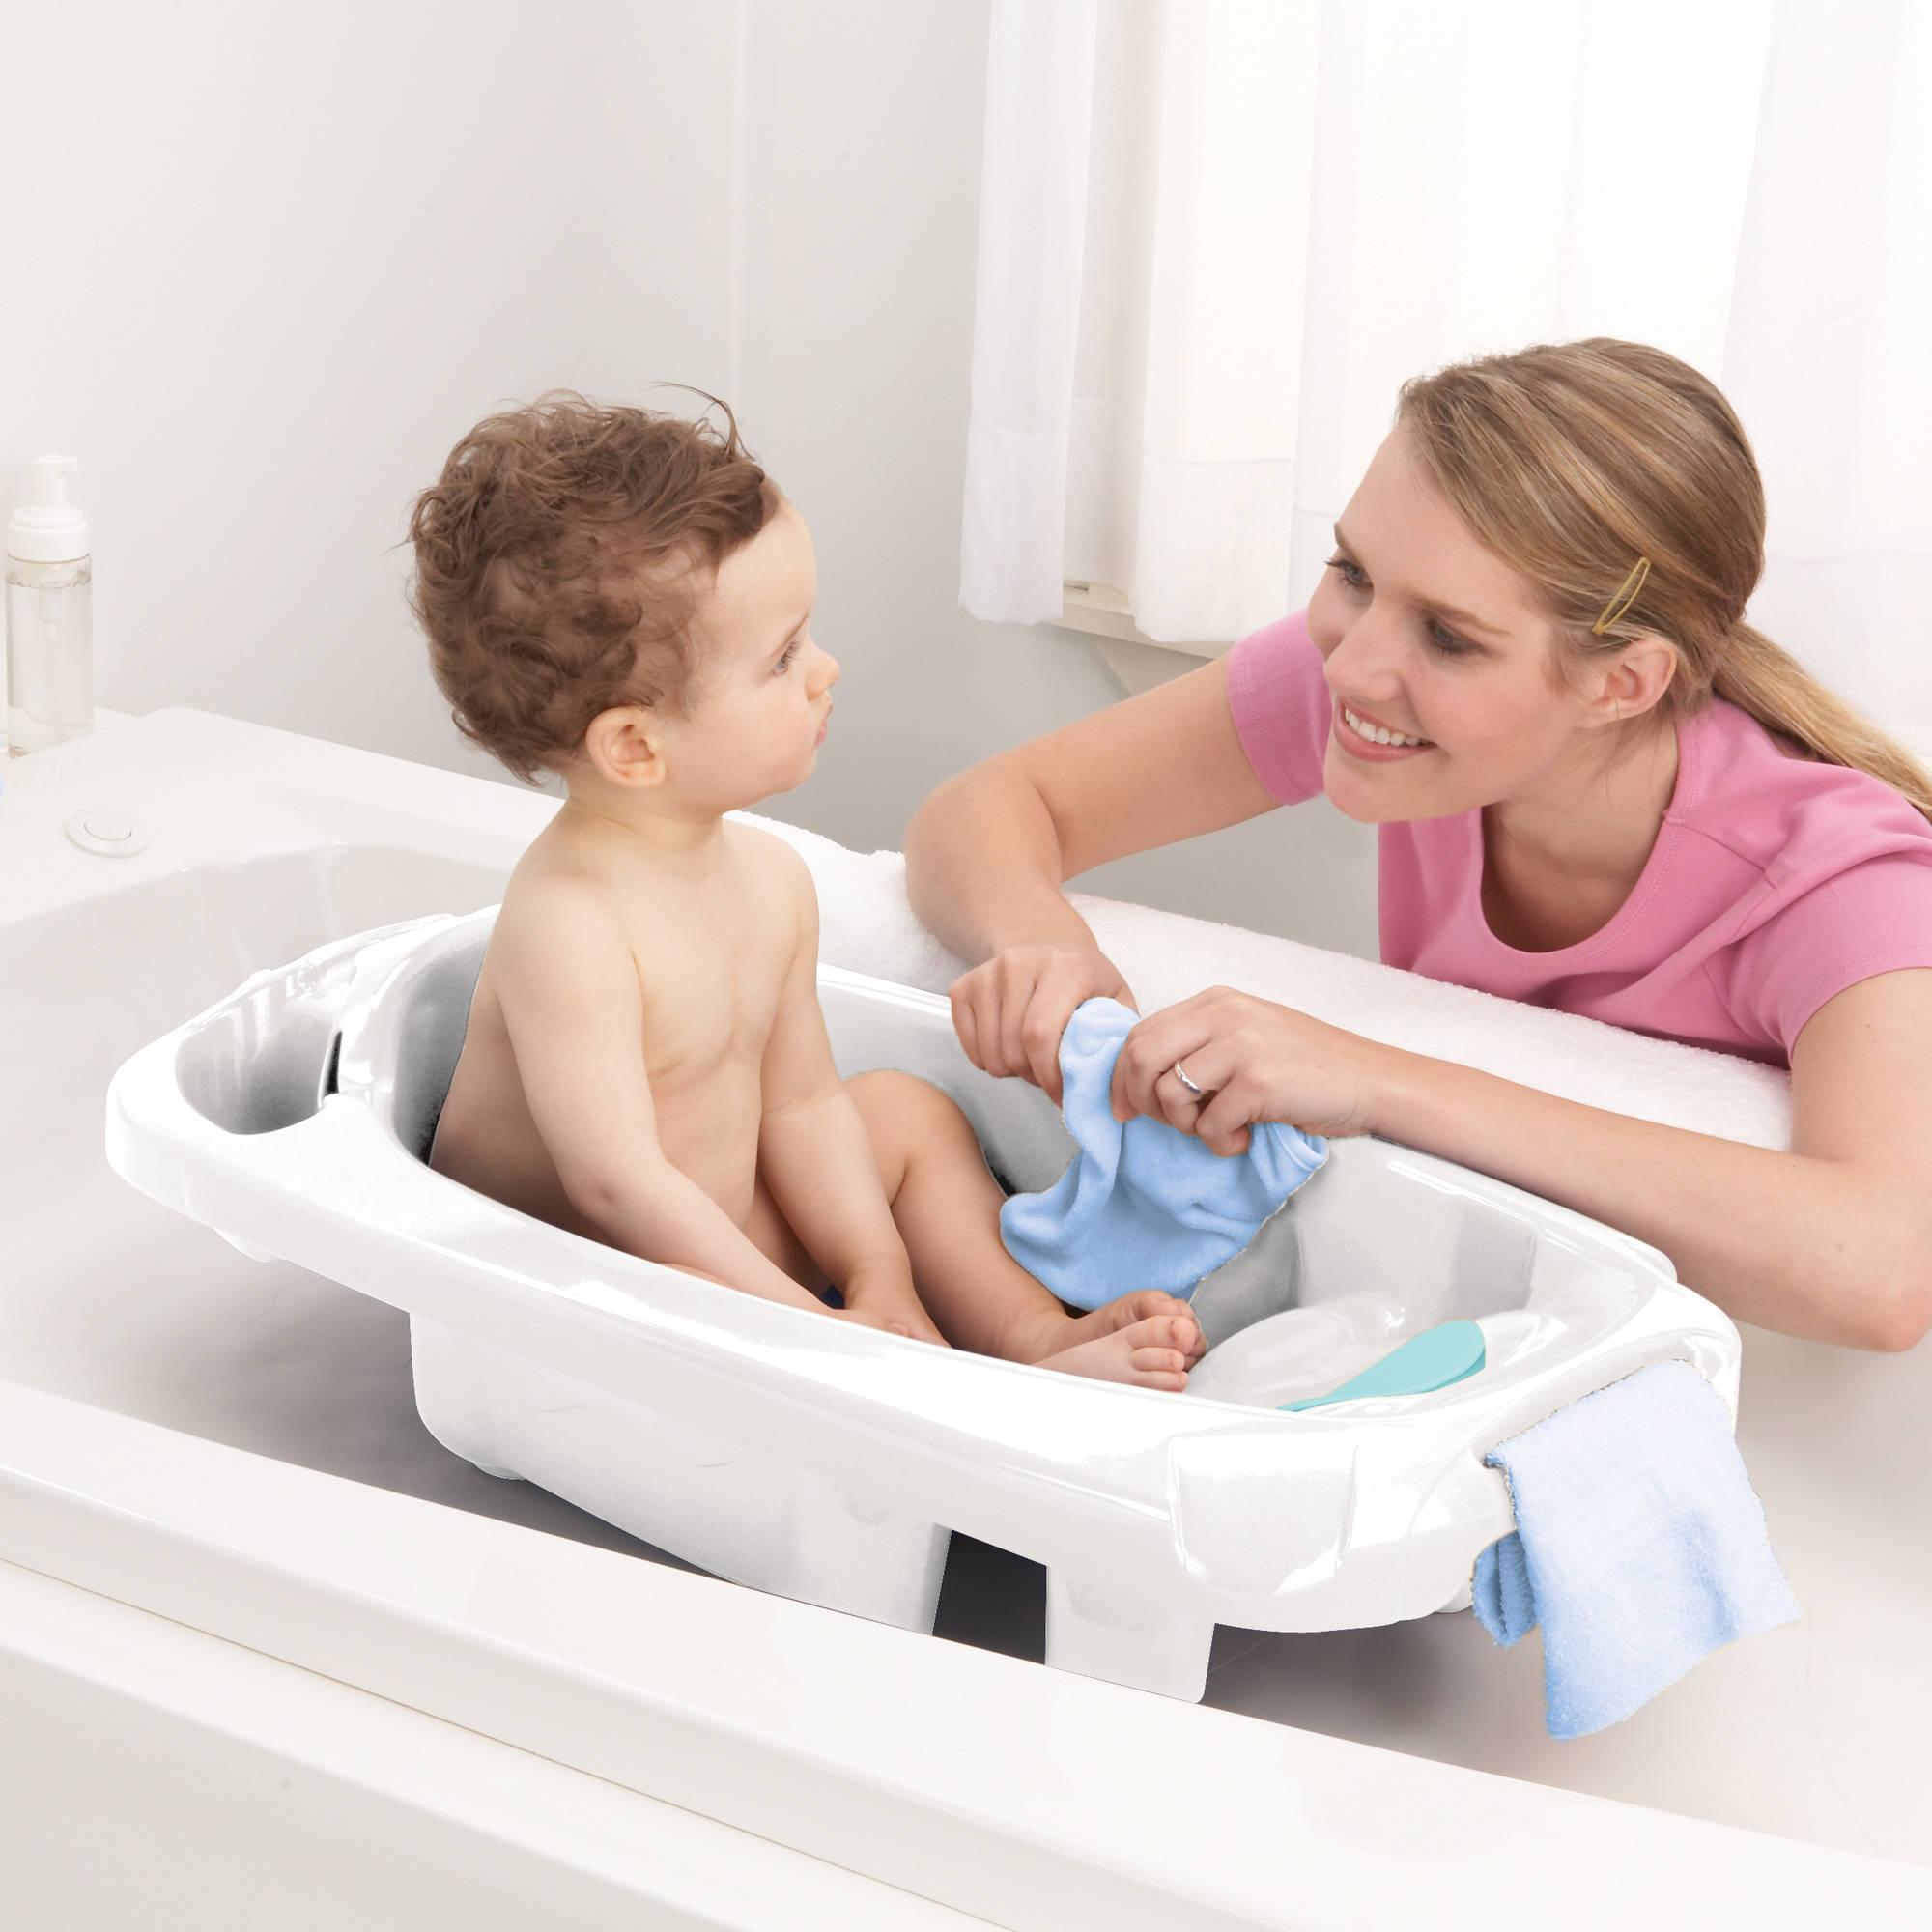 Awesome Kid Bath Tub Illustration - Bathroom and Shower Ideas ...